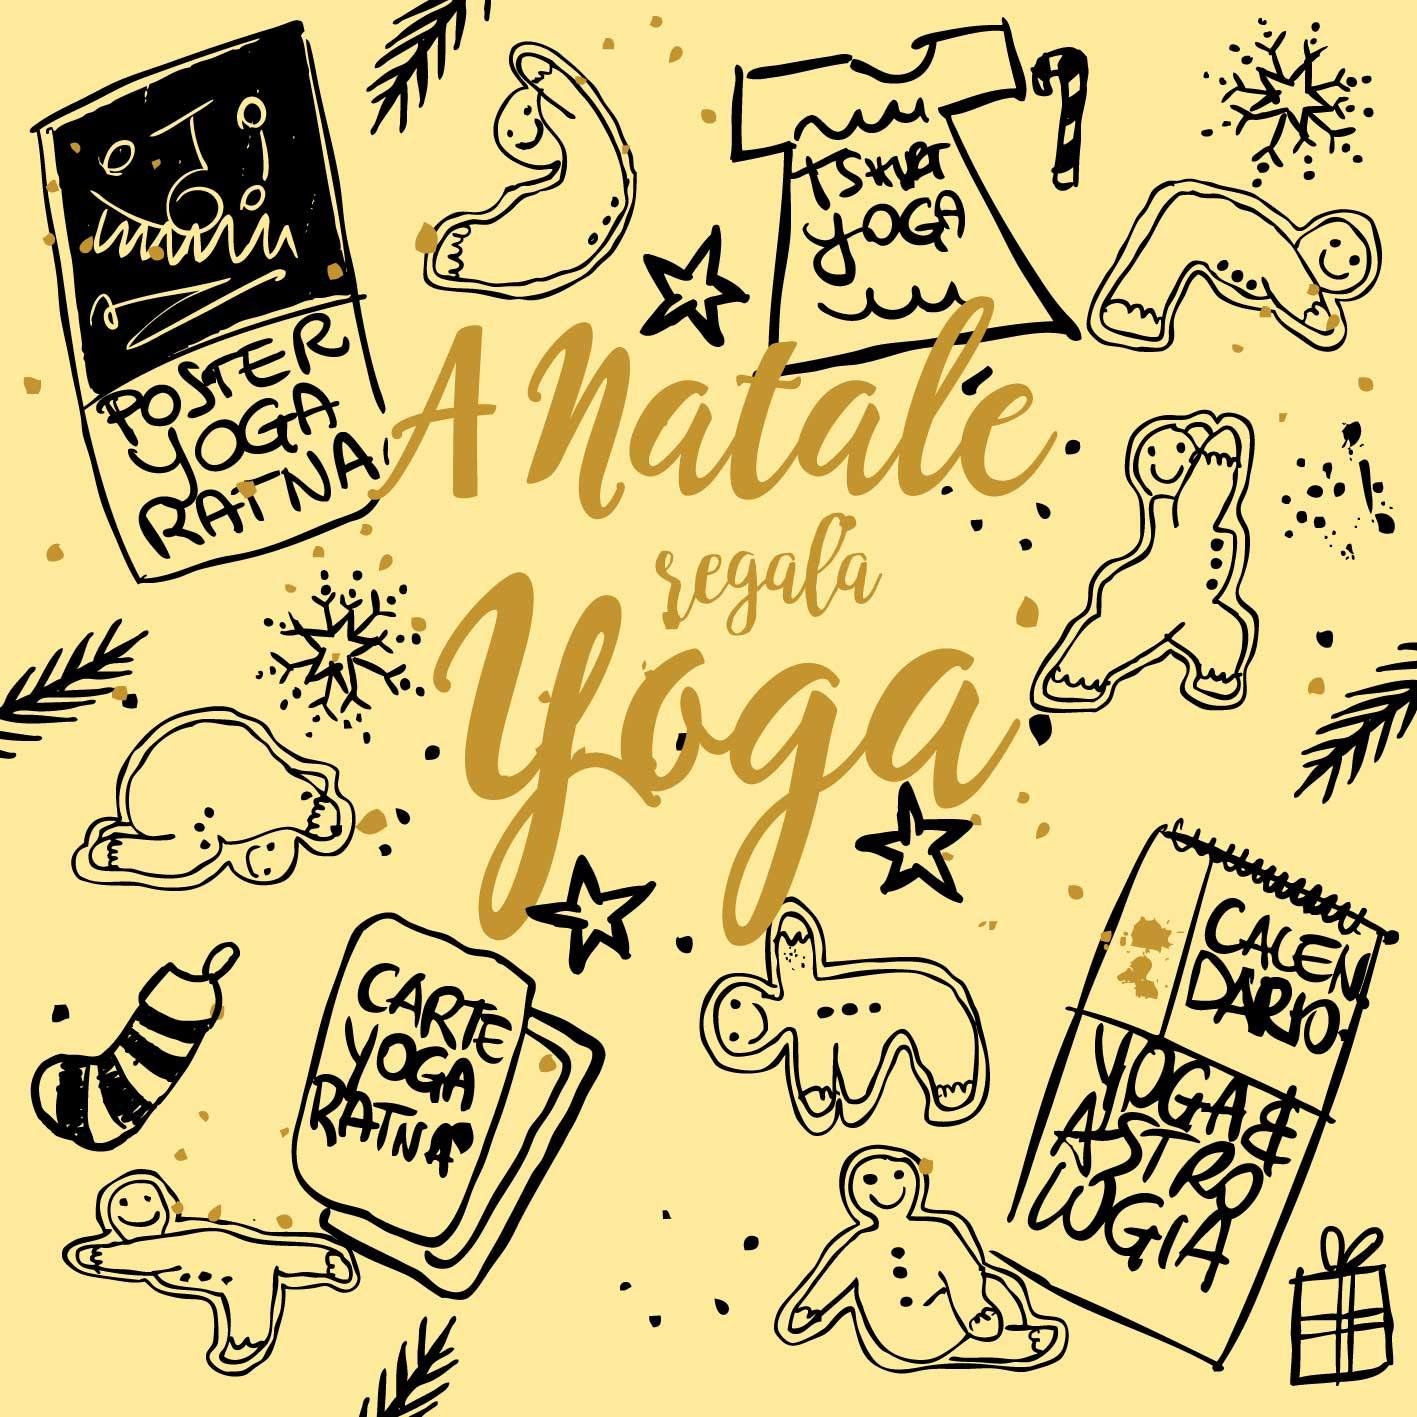 a natale regala yoga